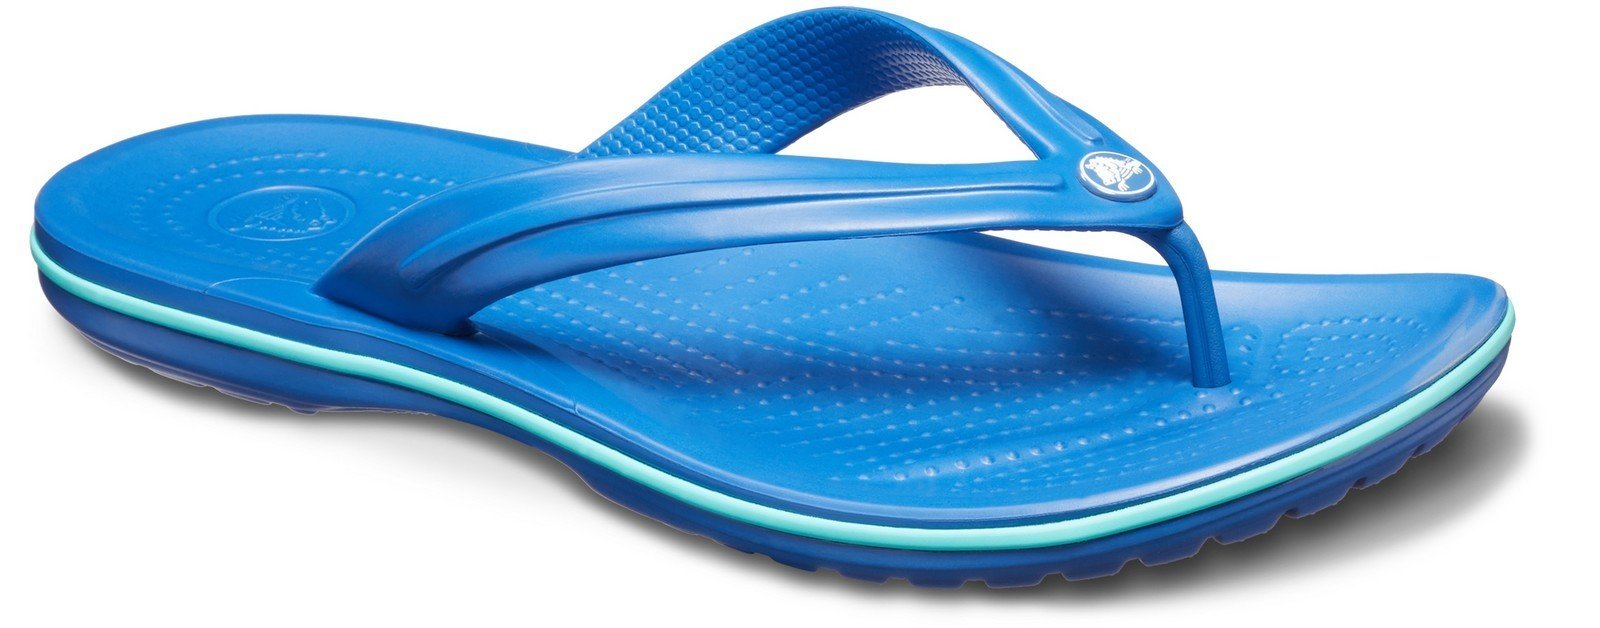 Crocs Unisex Crocband Flip Flops Various Colours 21067 - Blue/Pl 3